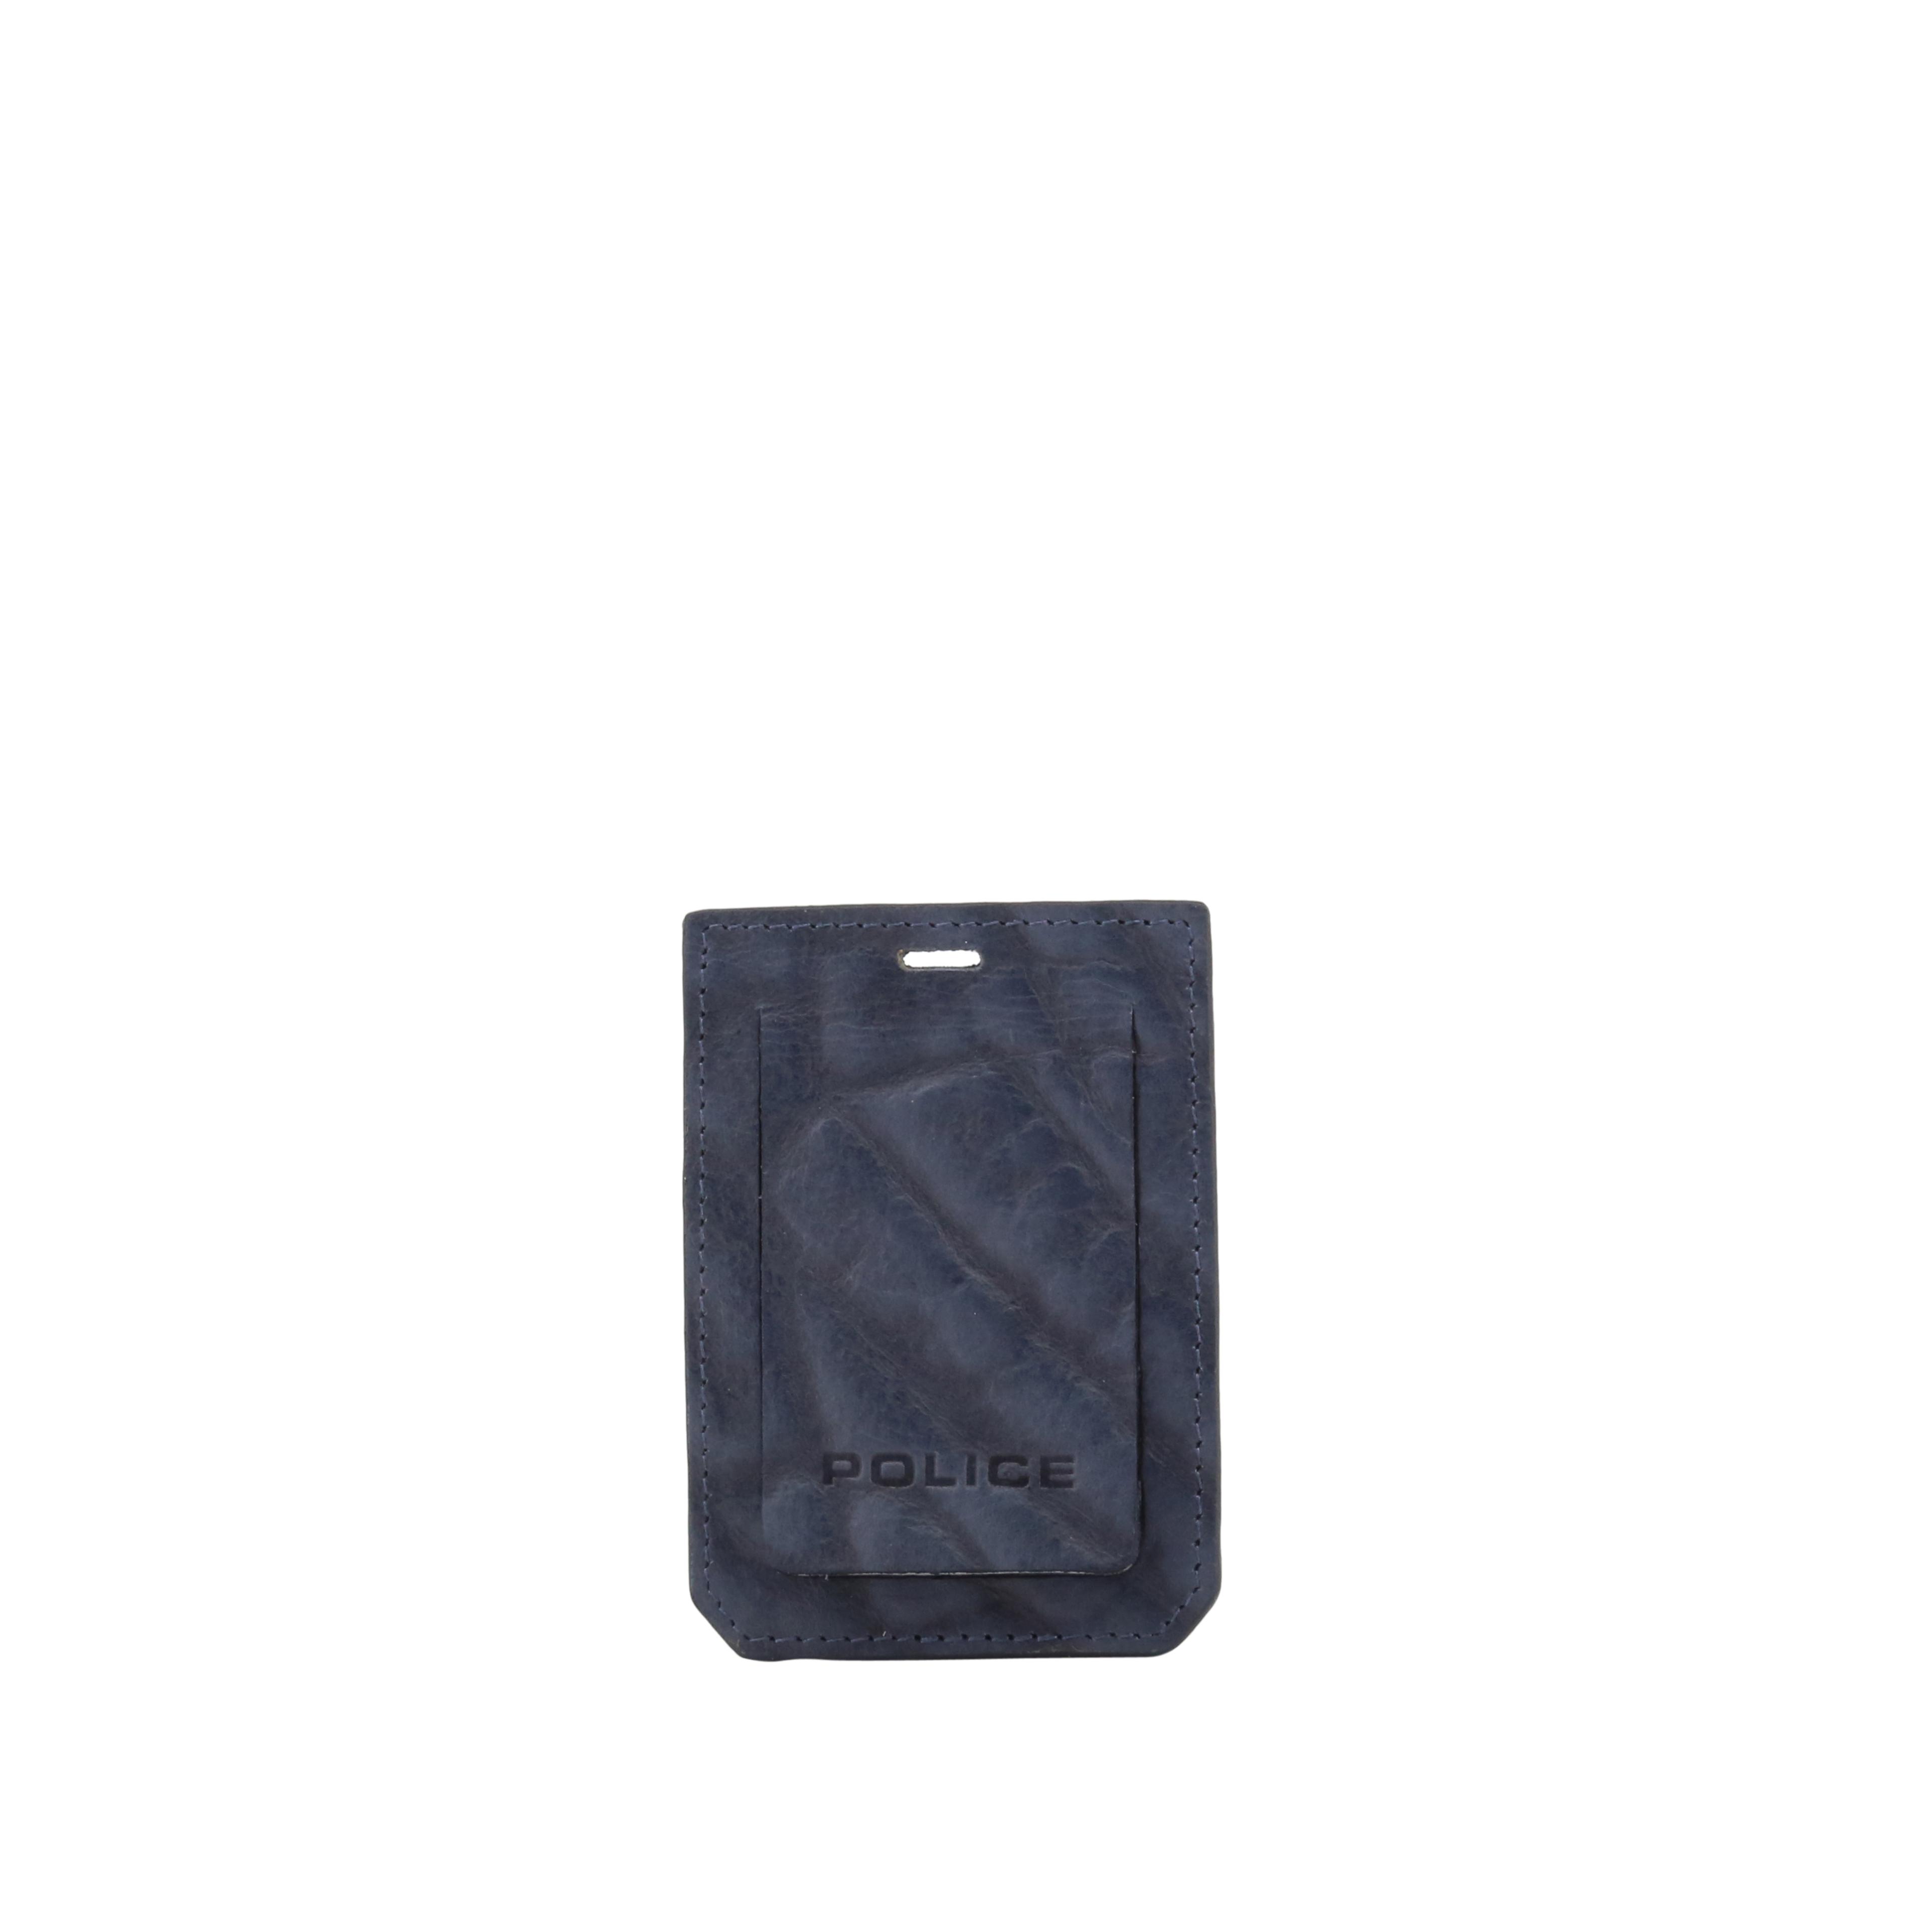 Etichette bagaglio Police PT498683 Unisex Blu 96666